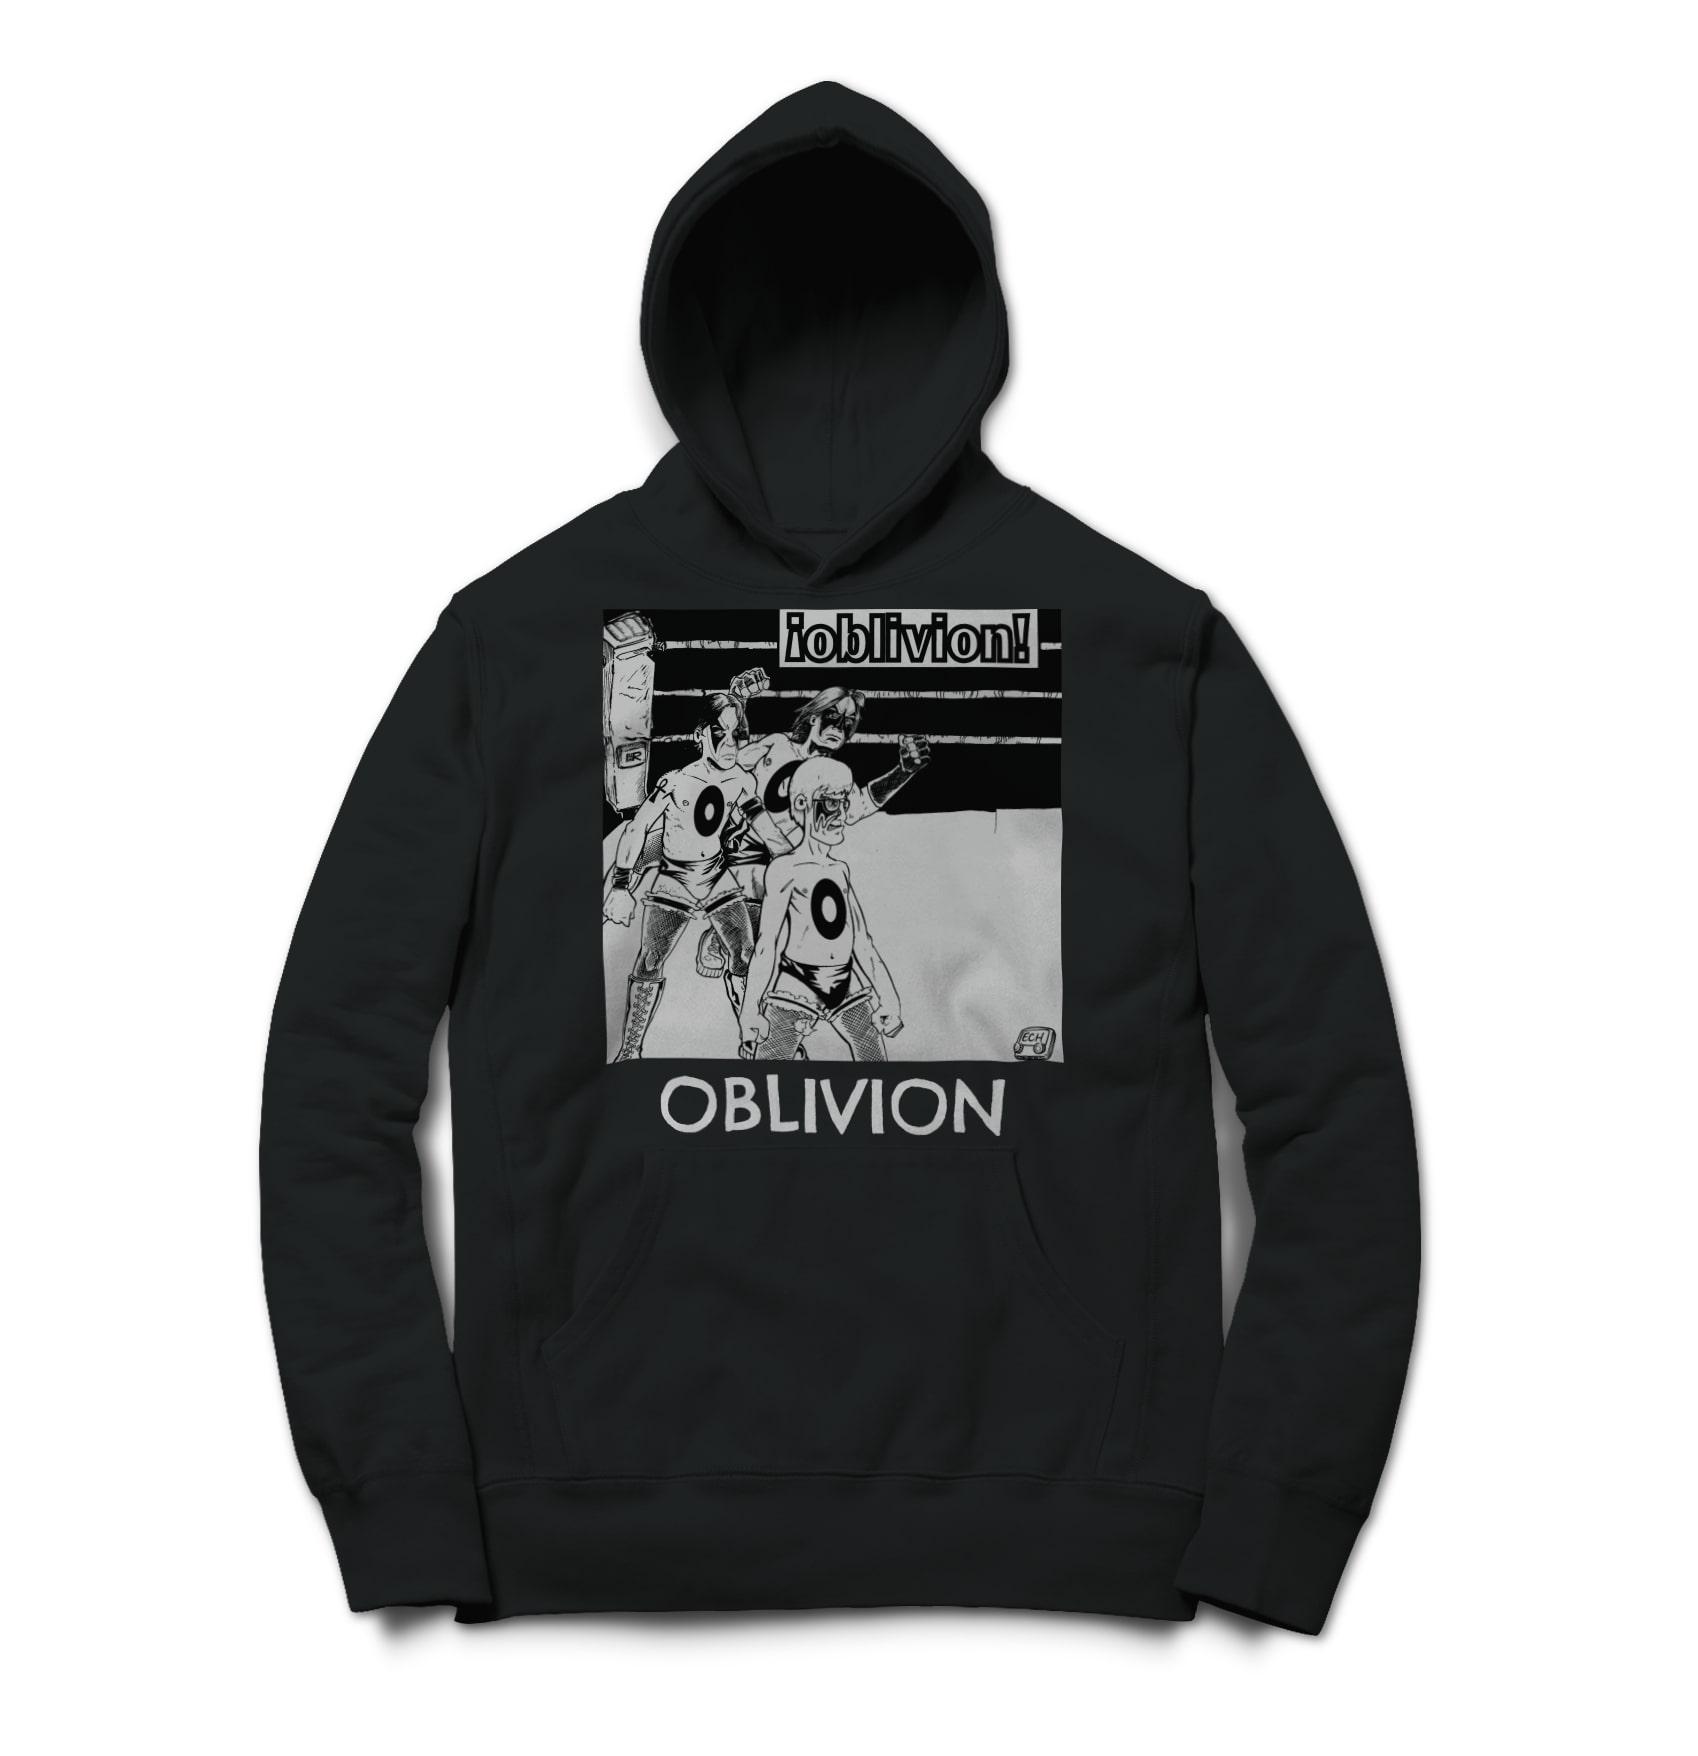 Oblivion oblivionsplitblack 1527979853